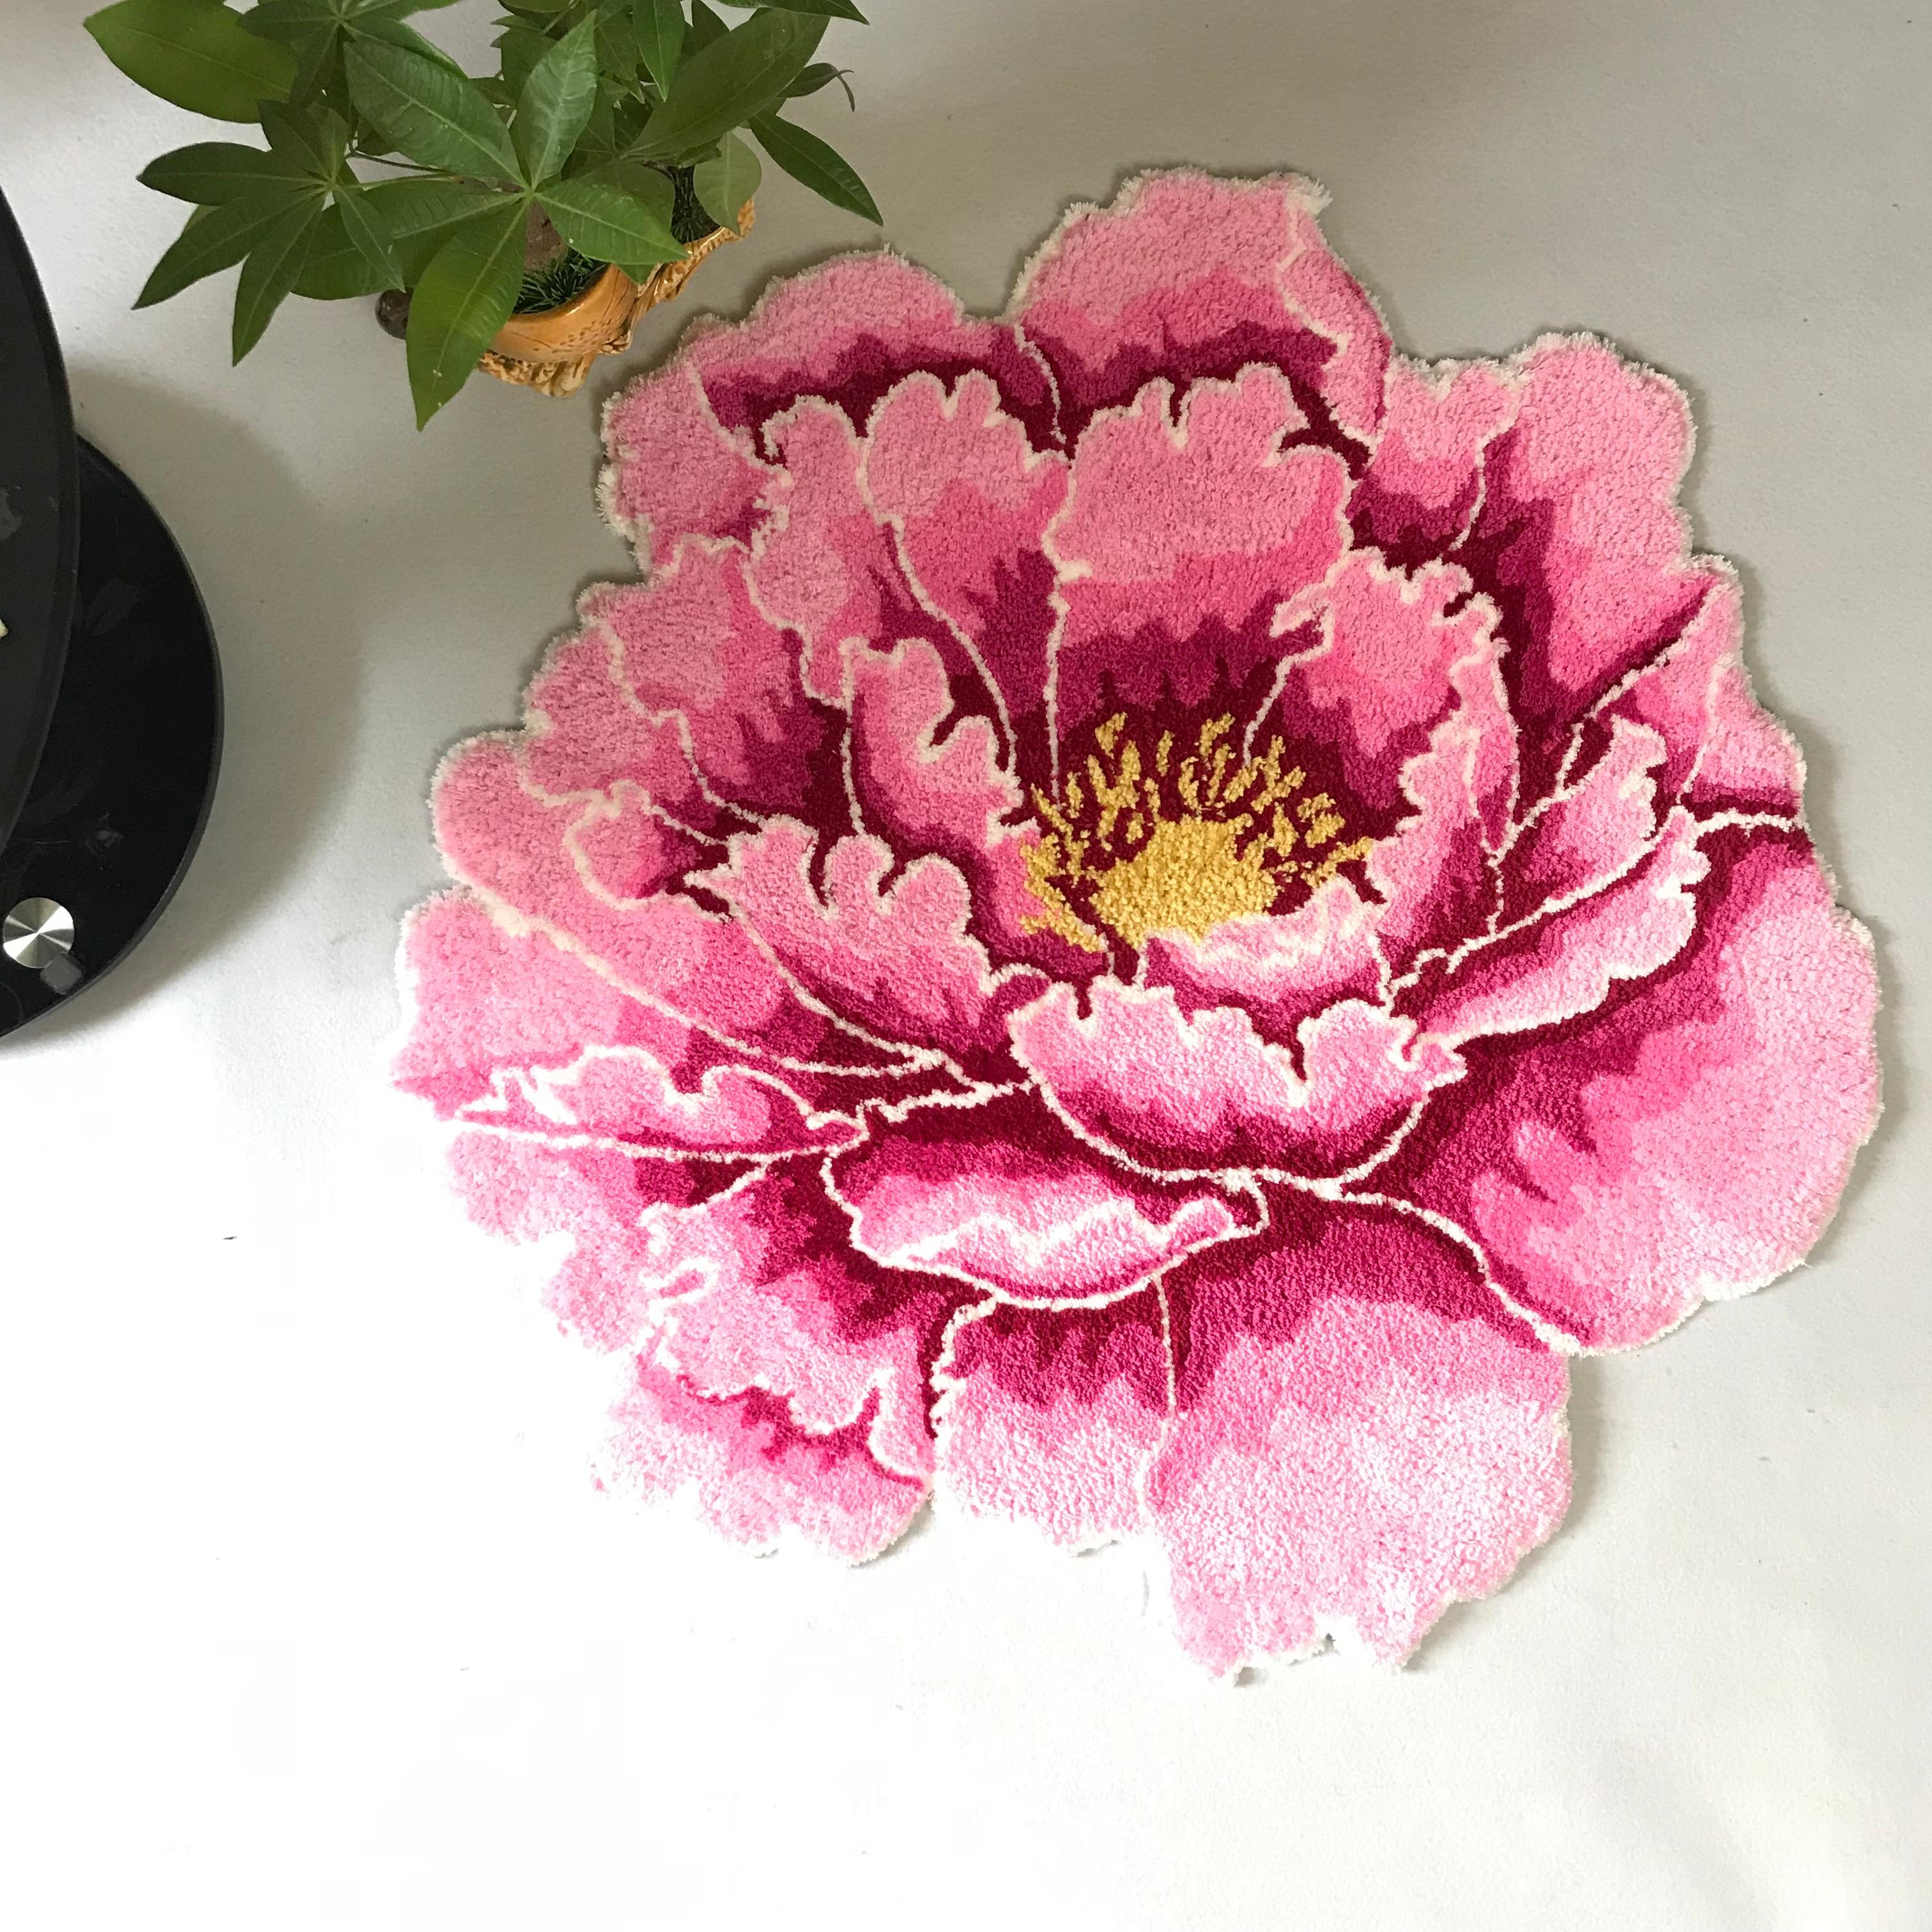 3D пион толстый цветочный ковер для спальни гостинной круглый ковер для кровати мягкий ковер для кабинета розовый ковер Противоскользящий с...